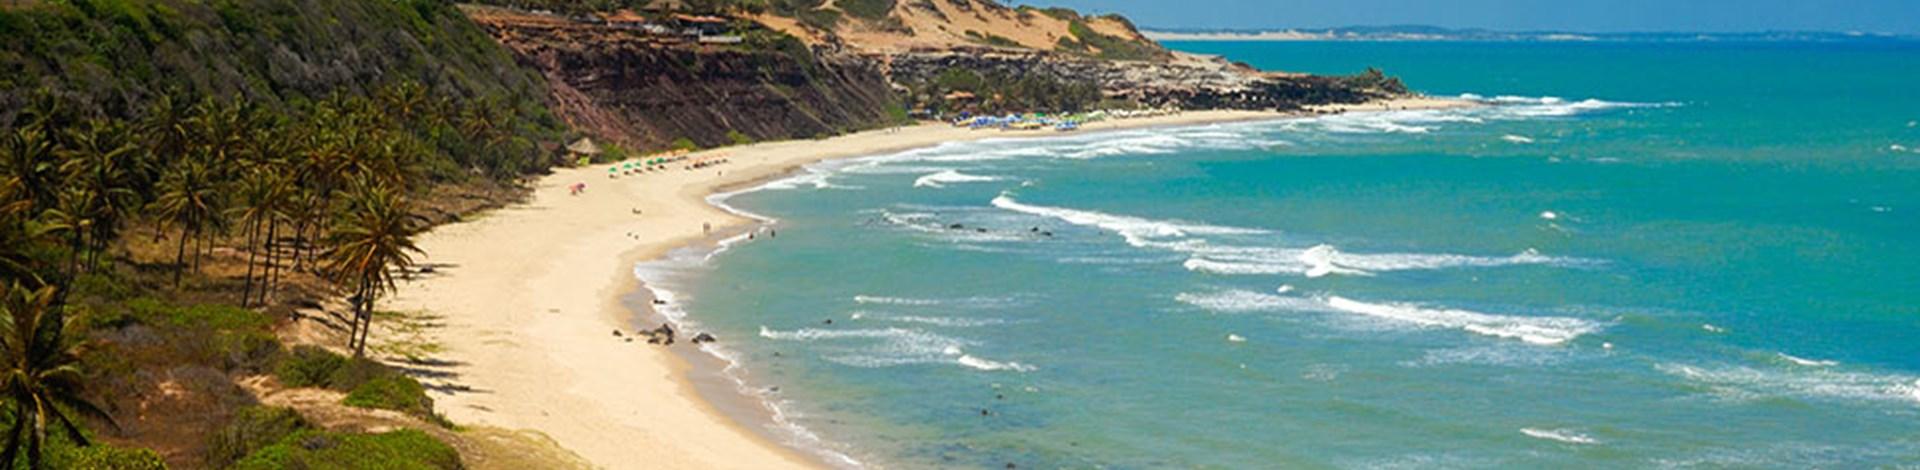 Ballito Beach (Dolphin Coast)